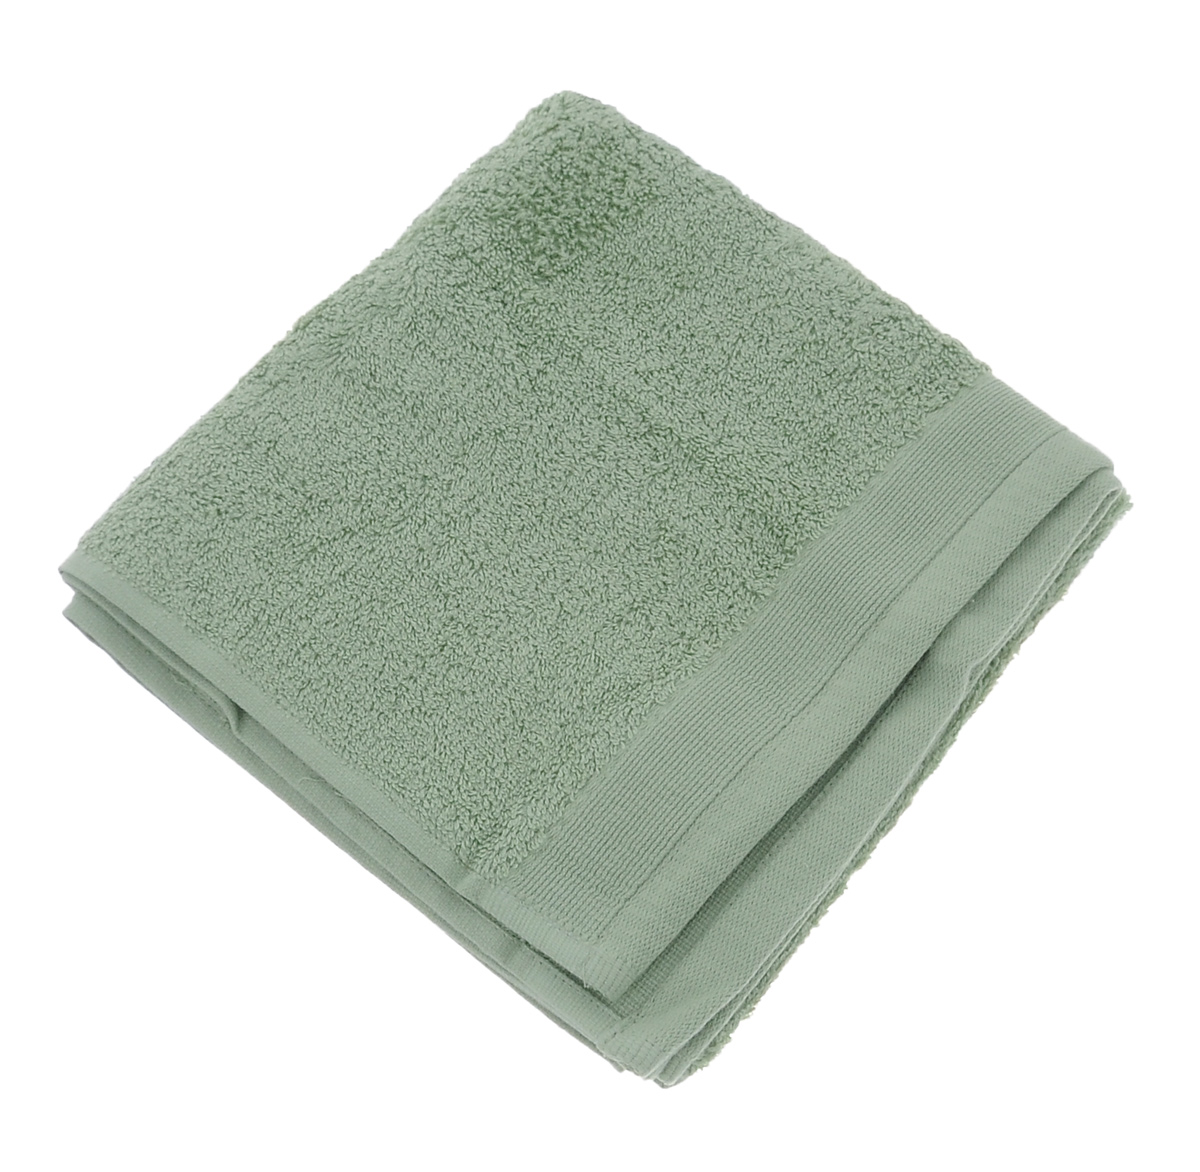 Полотенце махровое Guten Morgen, цвет: светло-зеленый, 50 см х 100 смCLP446Махровое полотенце Guten Morgen, изготовленное из натурального хлопка, прекрасно впитывает влагу и быстро сохнет. Высокая плотность ткани делает полотенце мягкими, прочными и пушистыми. При соблюдении рекомендаций по уходу изделие сохраняет яркость цвета и не теряет форму даже после многократных стирок. Махровое полотенце Guten Morgen станет достойным выбором для вас и приятным подарком для ваших близких. Мягкость и высокое качество материала, из которого изготовлено полотенце, не оставит вас равнодушными.